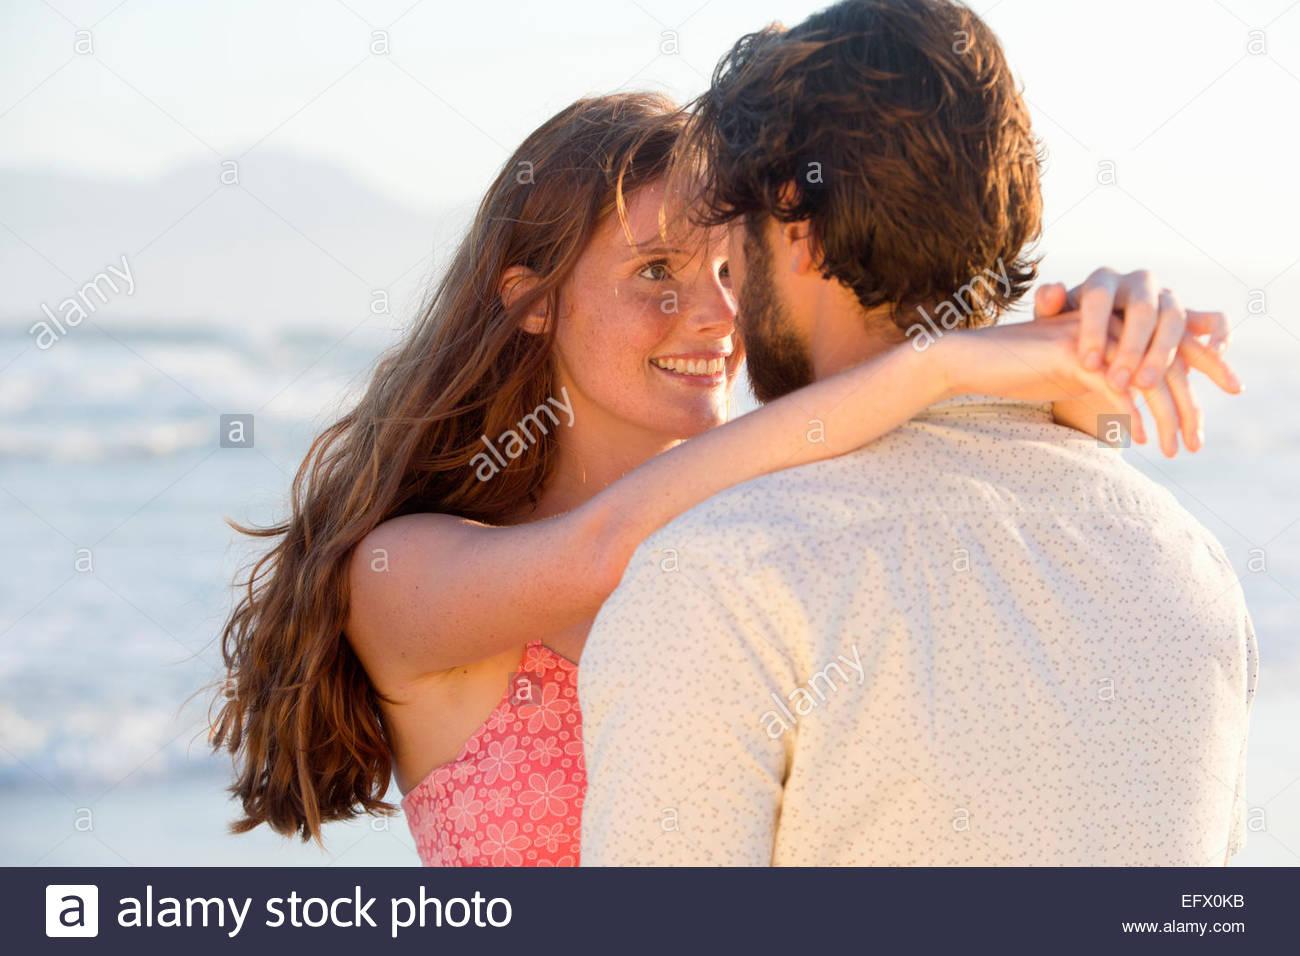 Romantisches Paar, umarmen, küssen, am sonnigen Strand Stockbild